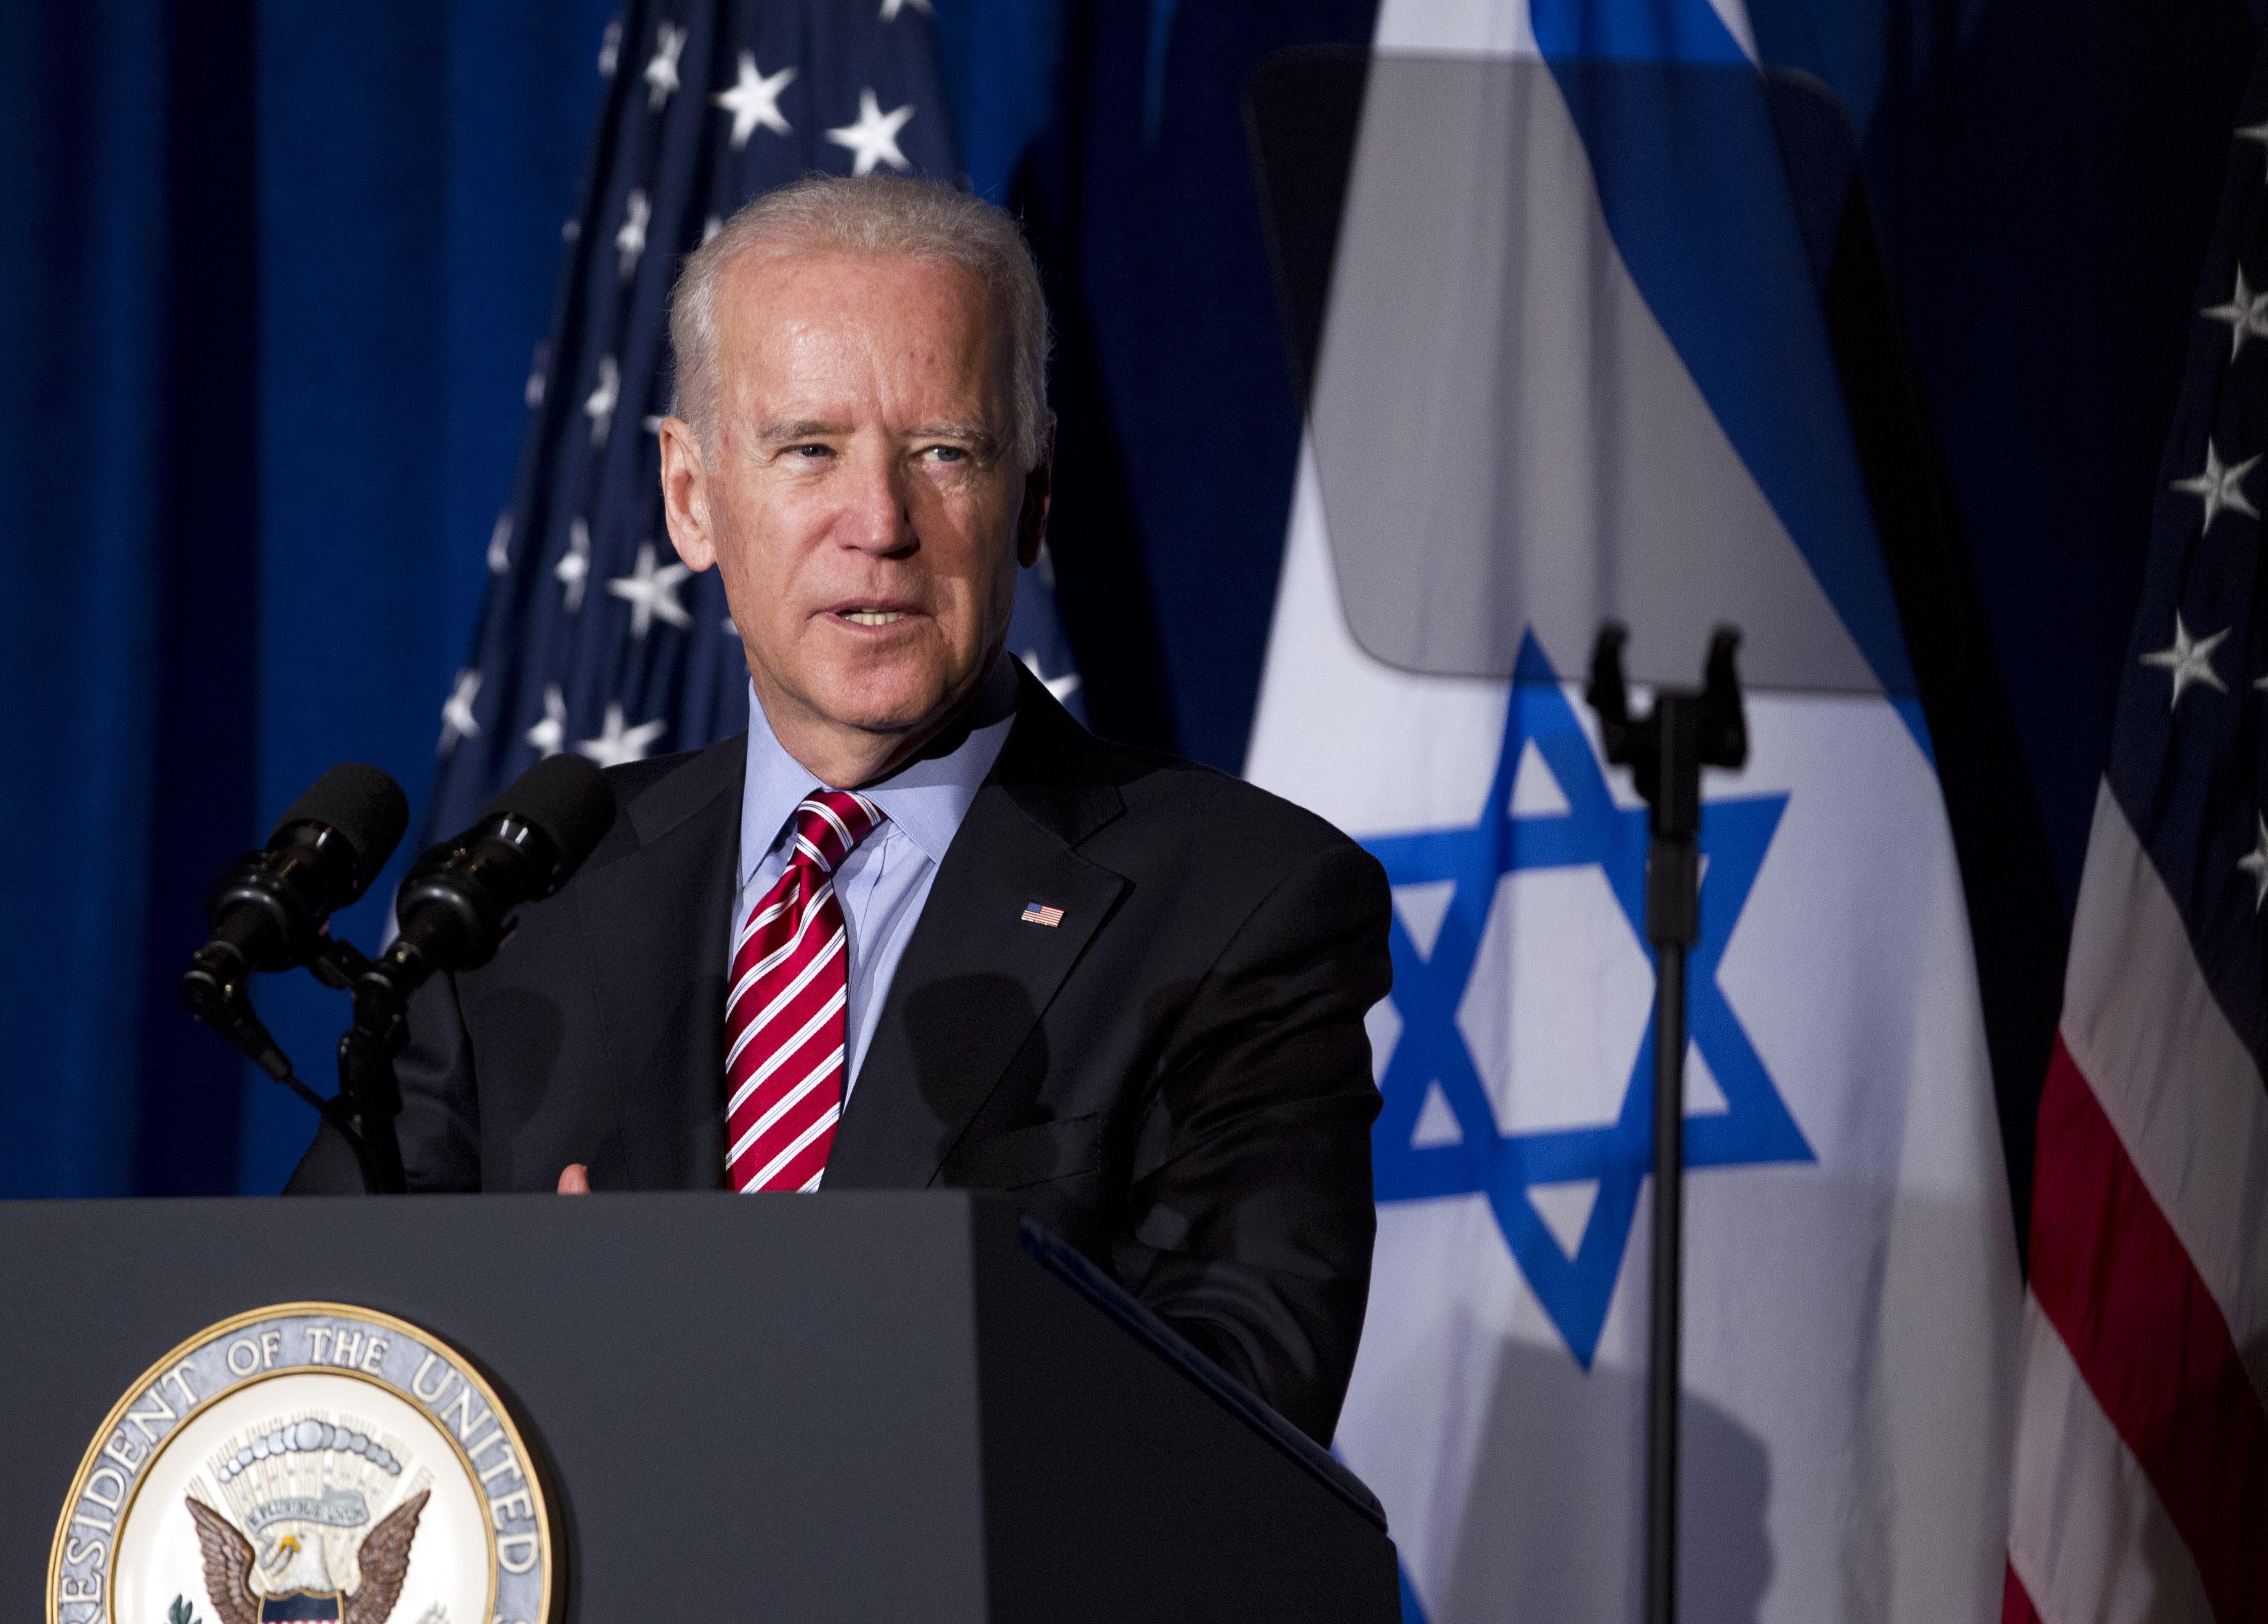 Байден осуждает нападения на евреев на фоне жалоб общины